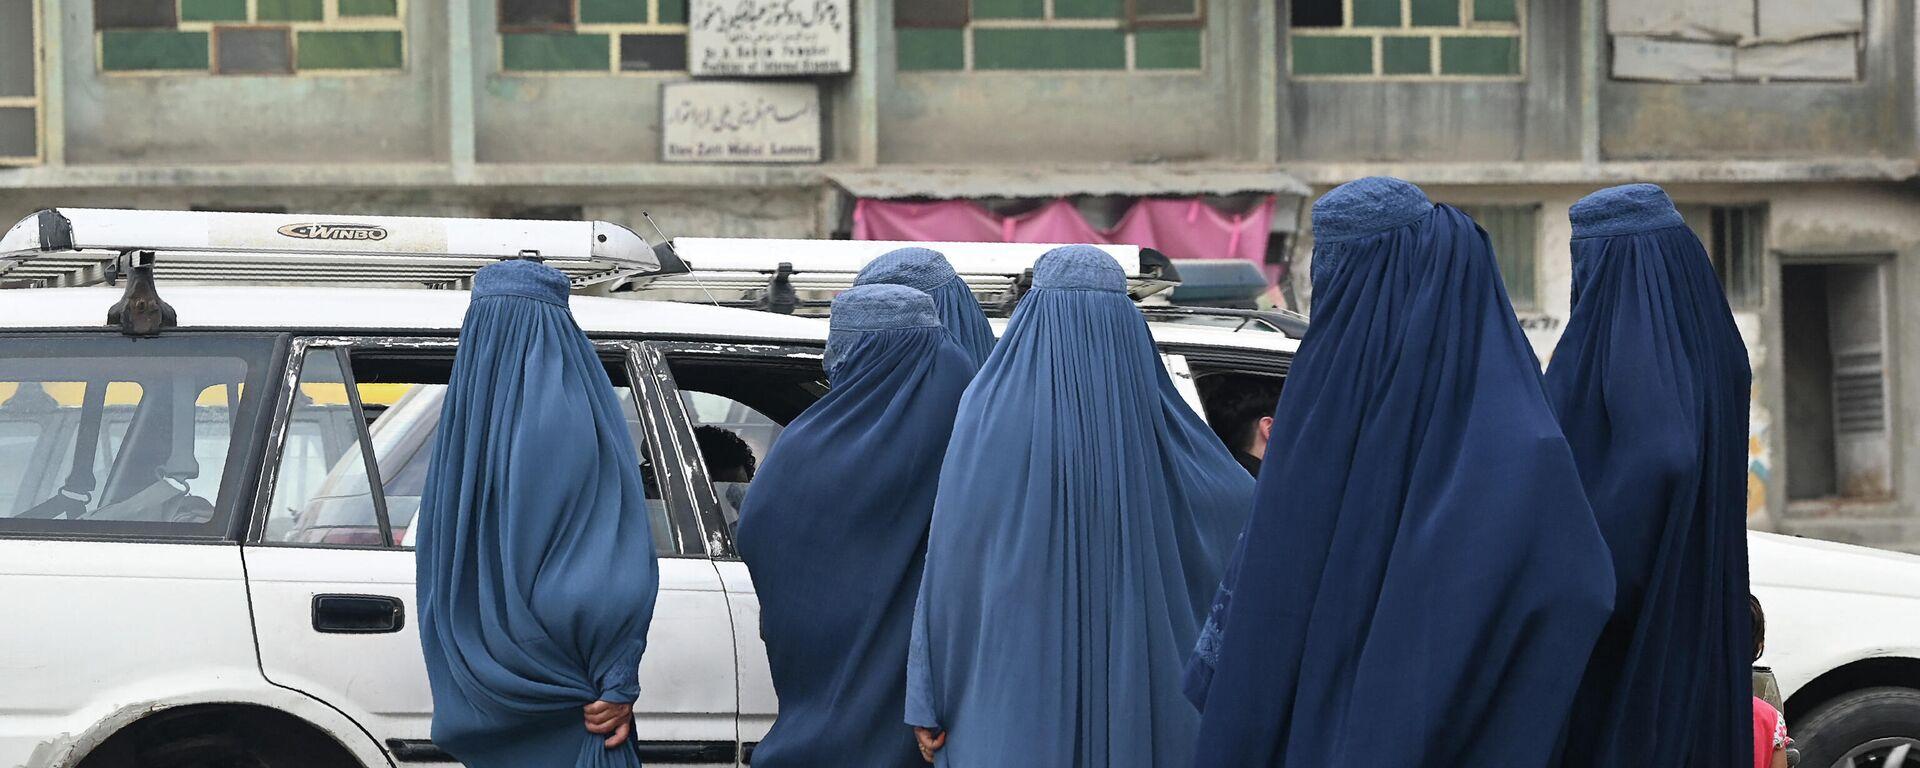 Женщины в Афганистане - Sputnik Тоҷикистон, 1920, 05.09.2021